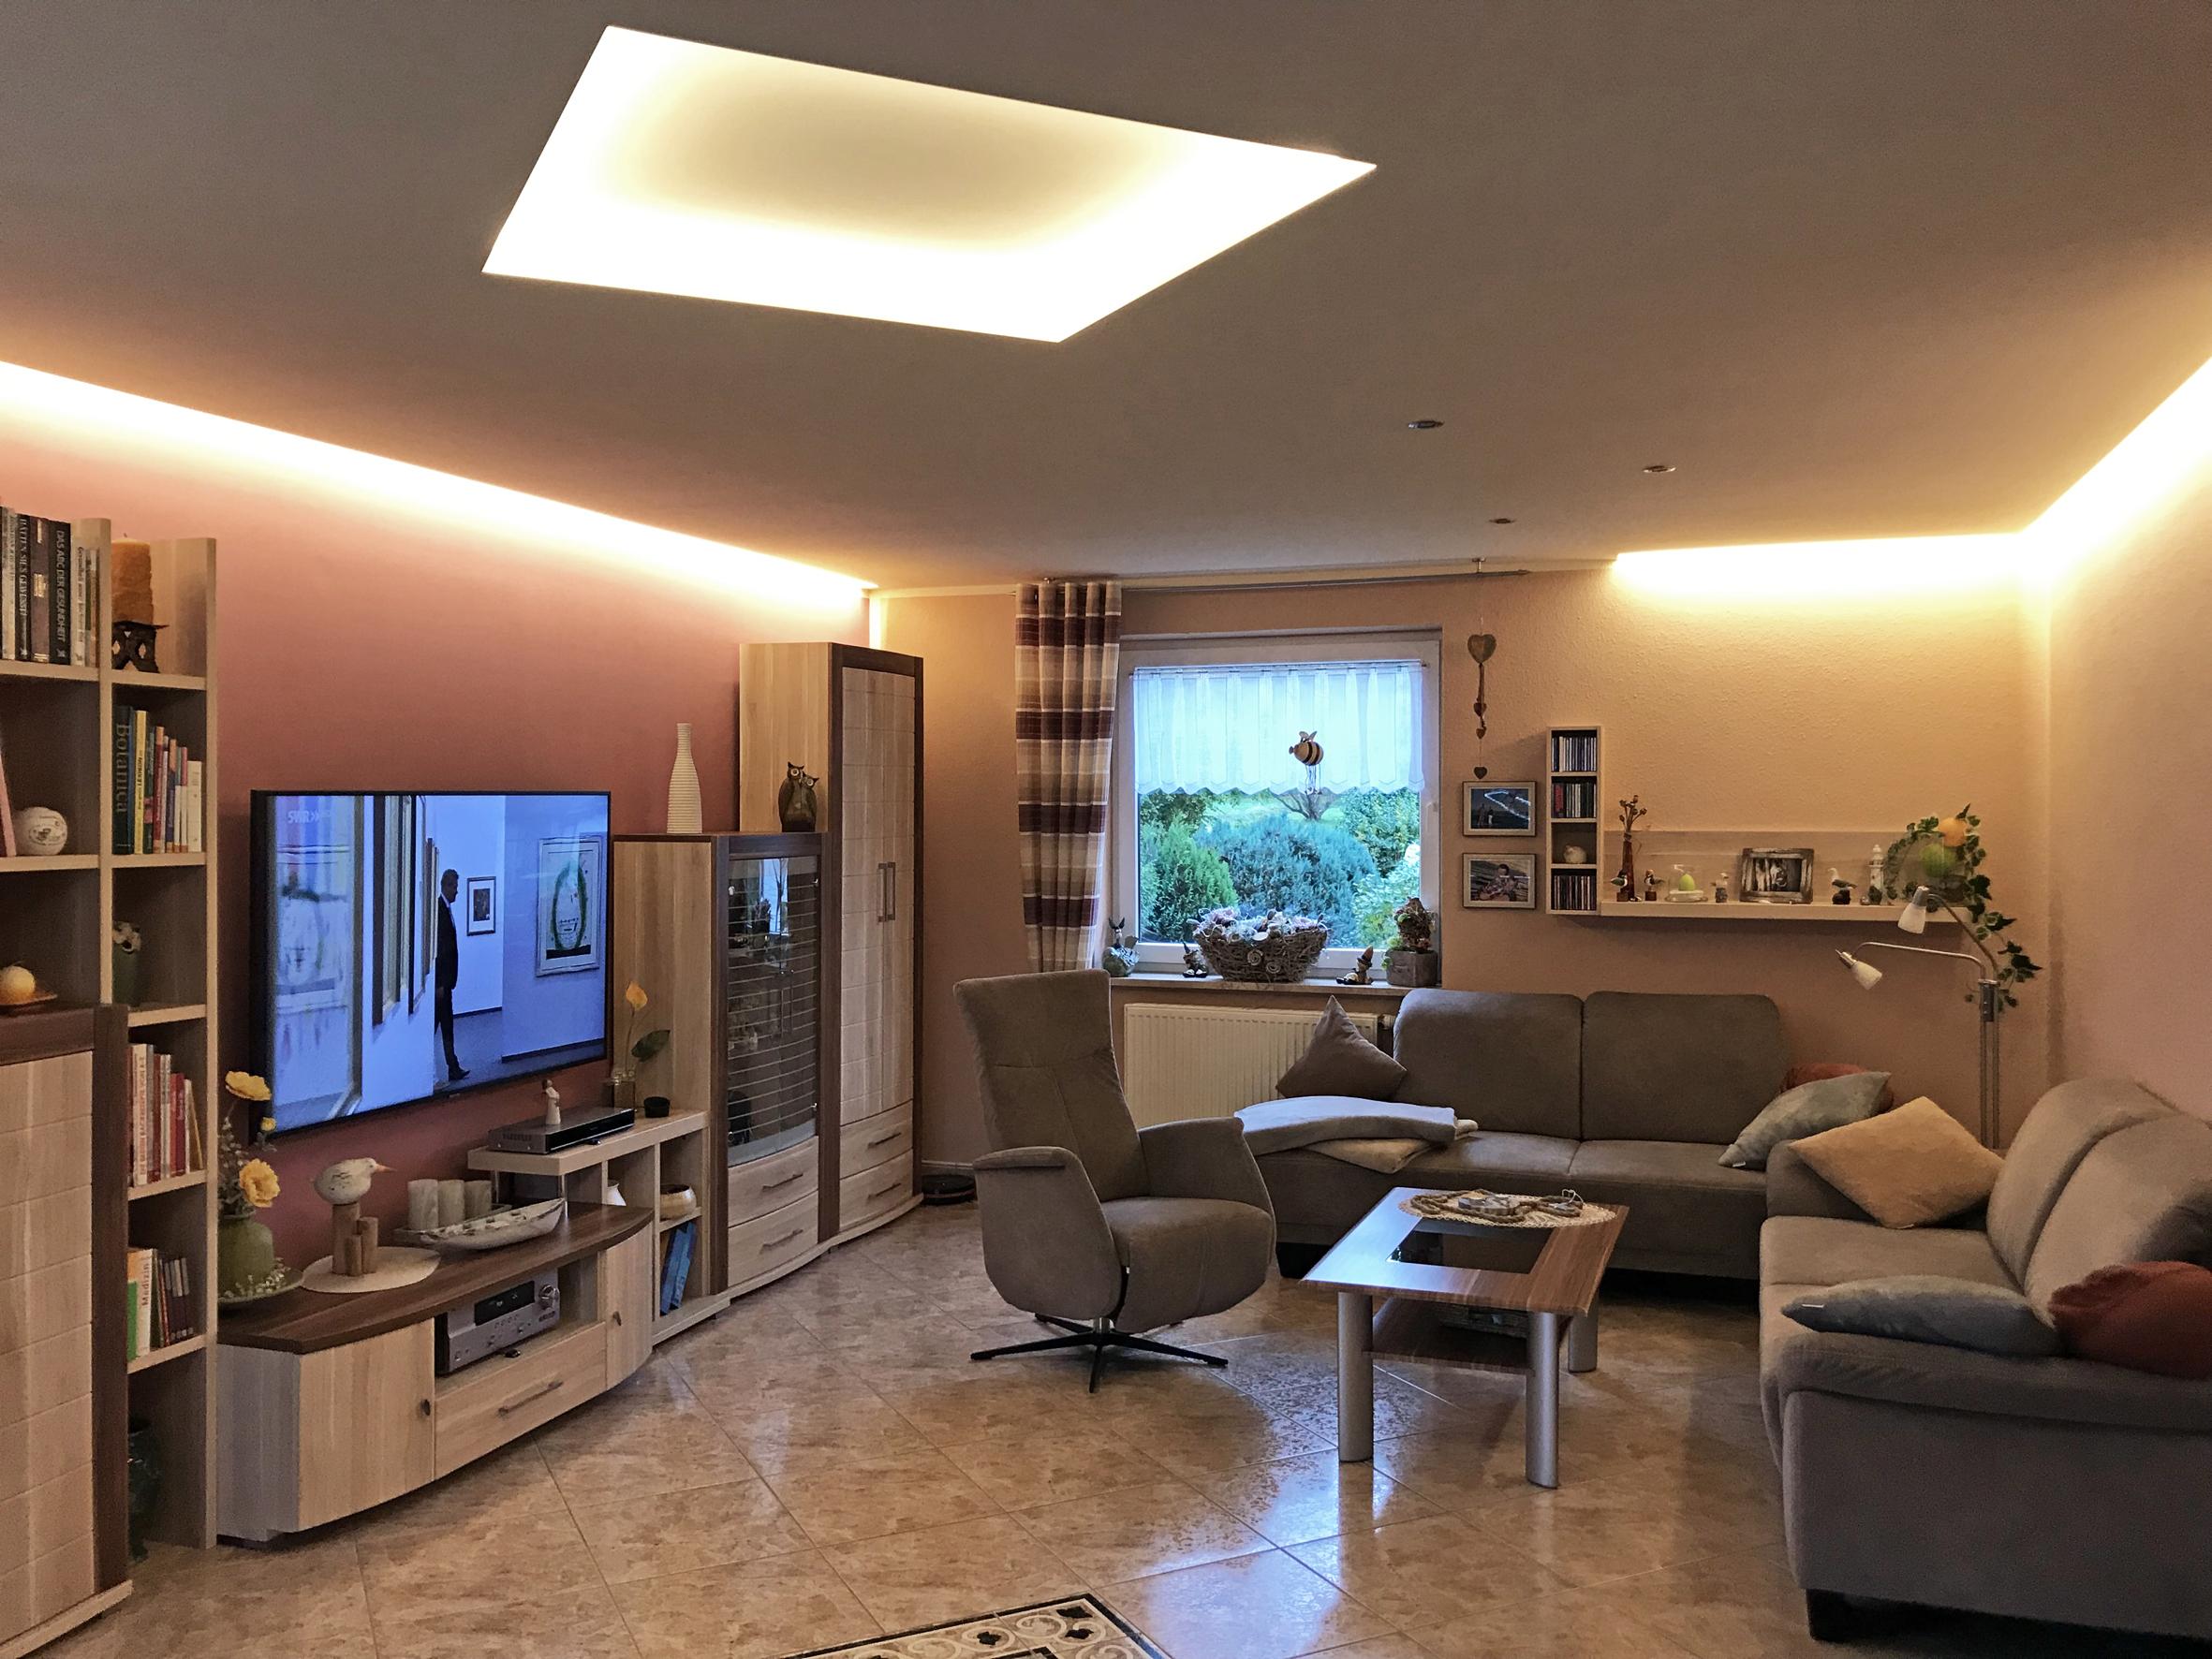 Wohnräume mit moderner Medientechnik